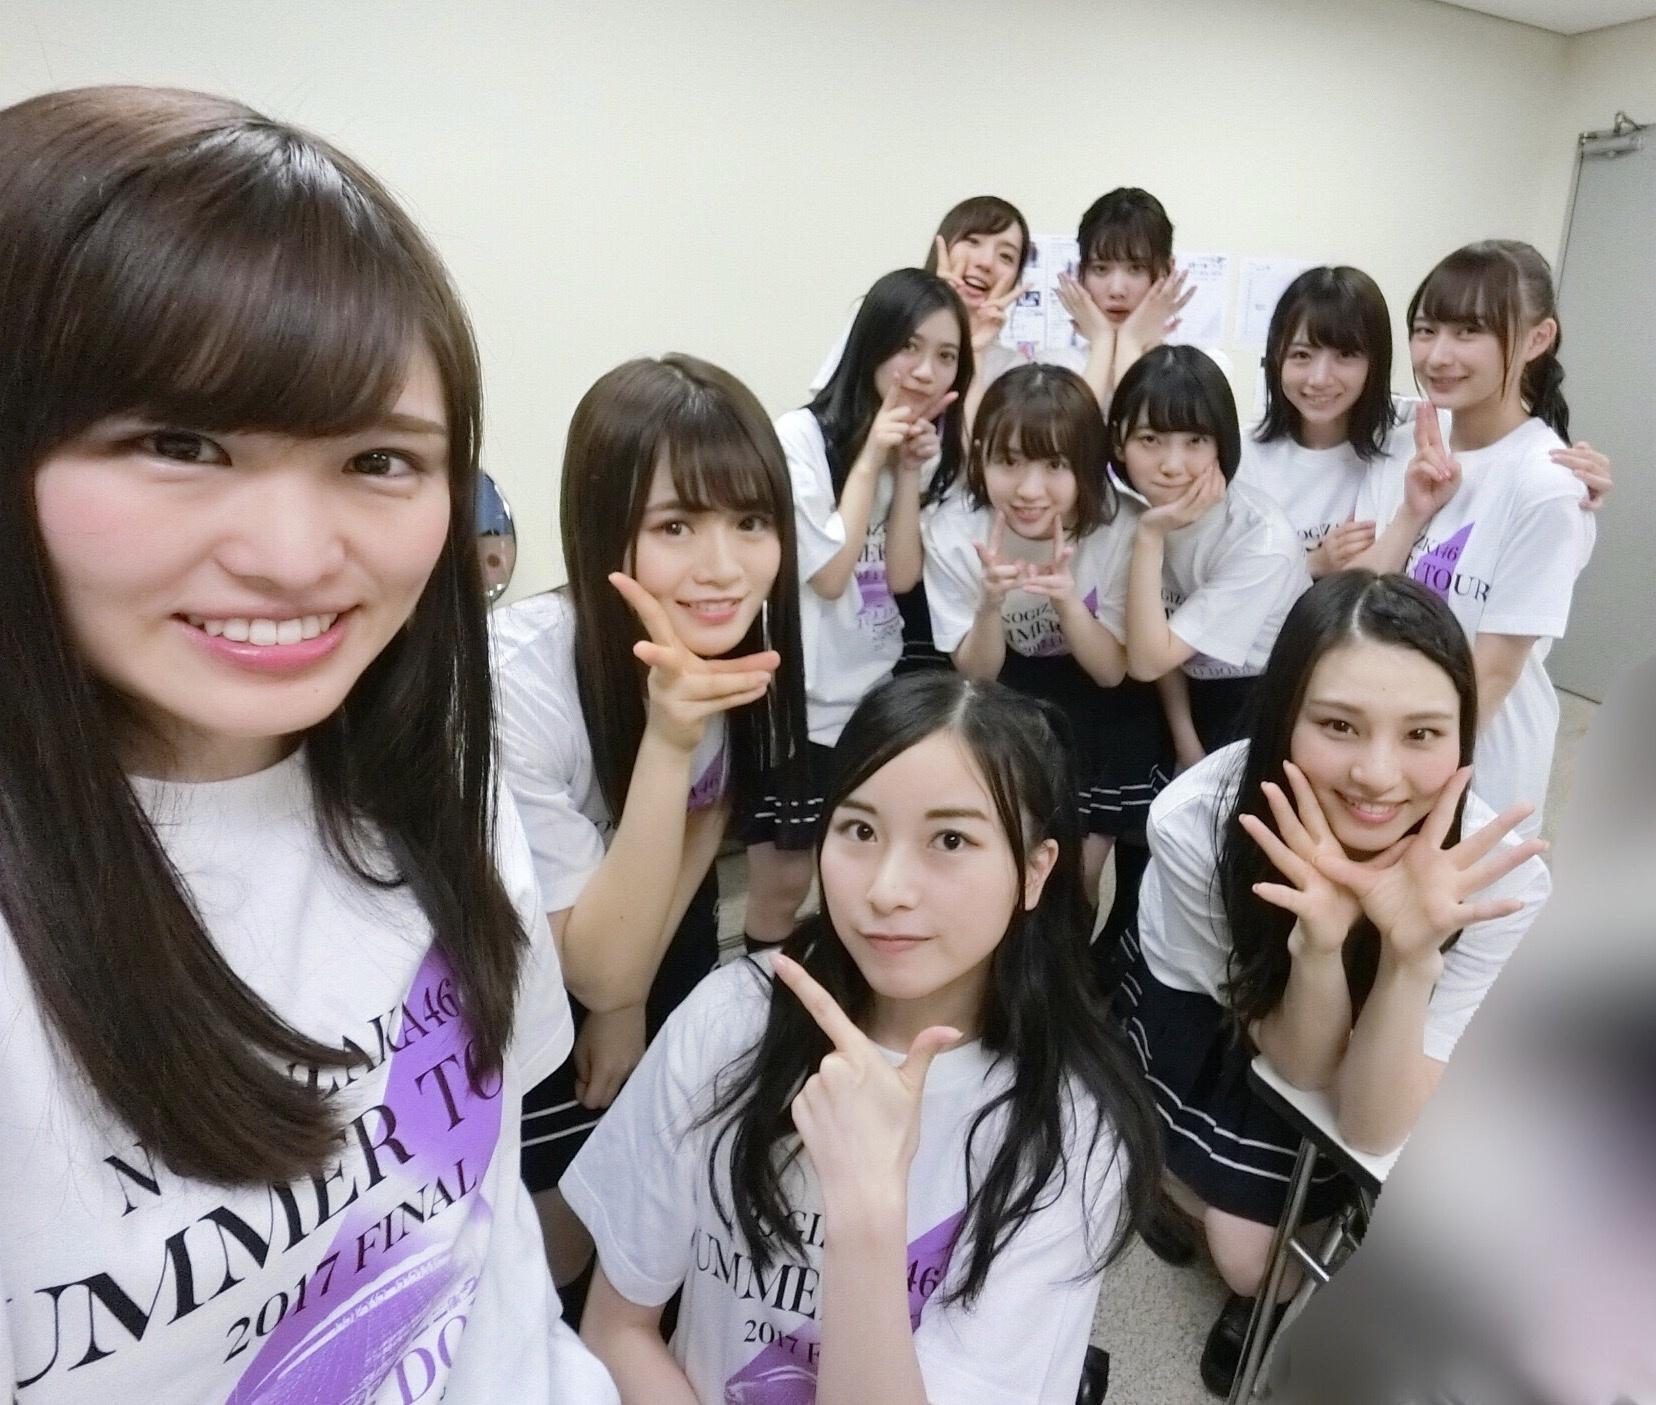 【乃木坂46】東京ドームの2期生楽屋は琴子も皆もいい顔してるなあ